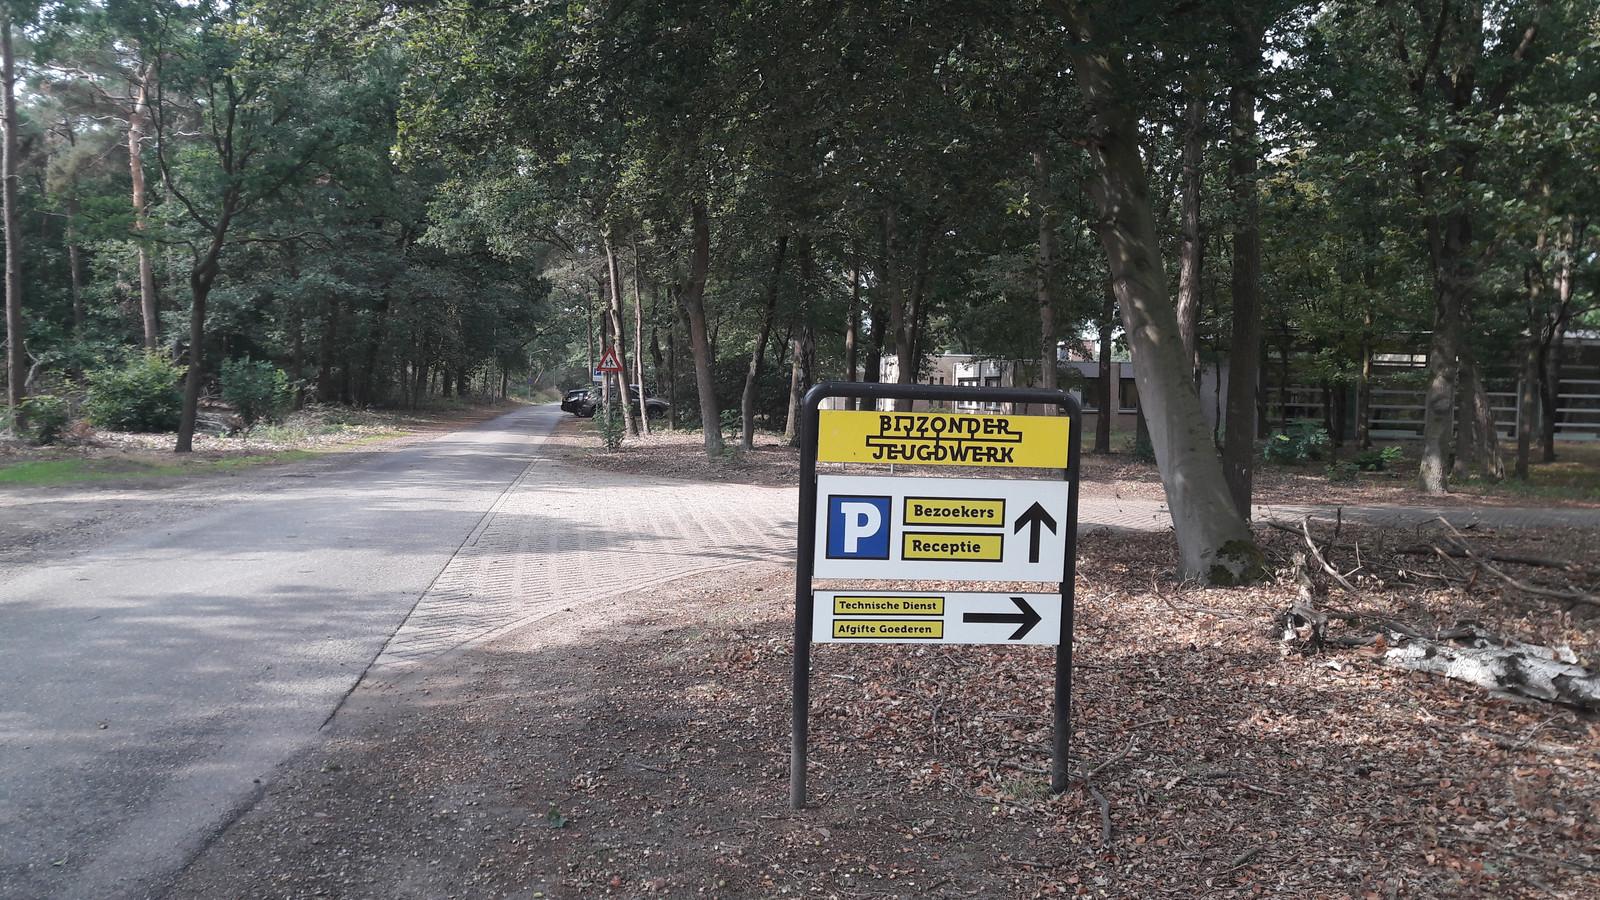 De entree naar stichting Bijzonder Jeugdwerk in de bossen tussen Deurne en Liessel.